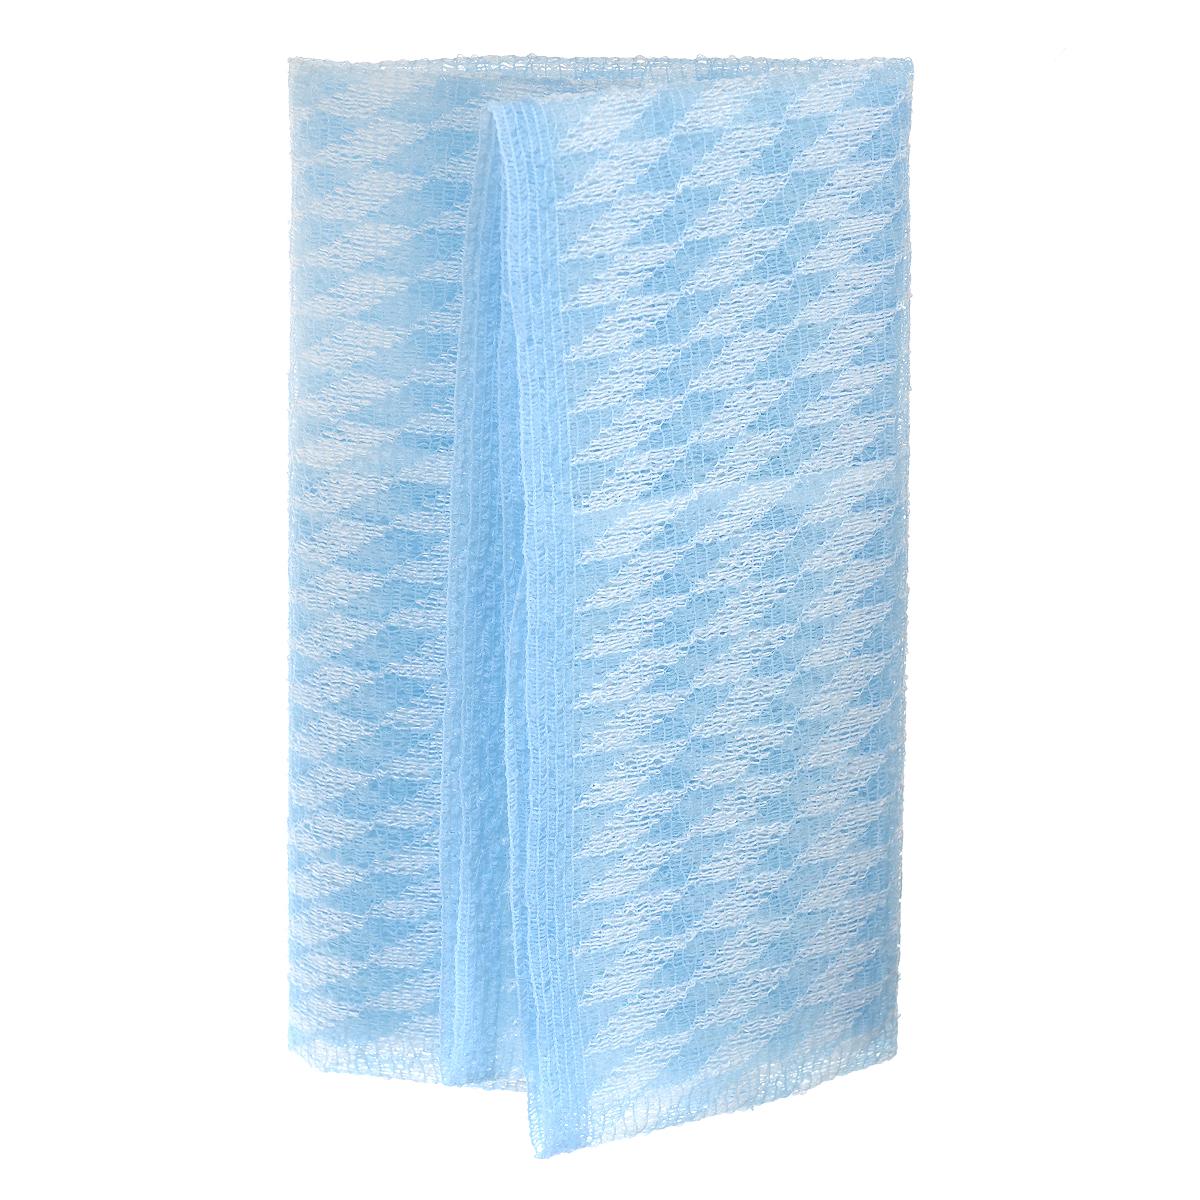 SungBo Мочалка для душа Clean&Beauty Dreams, цвет: голубой, 28 см х 90 см, 1 штУТ000000669Благодаря оригинальной вязке из гофрированного волокна мочалка создает одновременно ощущение мягкости так и ощущение пилинга, нежно отшелушивая огрубевшую кожу. Шероховатая текстура стимулирует циркуляцию крови по всему телу и помогает сохранить здоровье и упругость кожи. Мочалка позволяет получать обильную пену, используя небольшое количество геля для душа. Ее легко мыть, и она быстро сохнет. Высококачественное волокно обеспечивает долговечность. Характеристики: Материал: нейлон, полиэстер. Размер мочалки: 28 см х 90 см. Товар сертифицирован. УВАЖАЕМЫЕ КЛИЕНТЫ! Обращаем ваше внимание на ассортимент в цветовом дизайне товара. Поставка осуществляется в зависимости от наличия на складе.